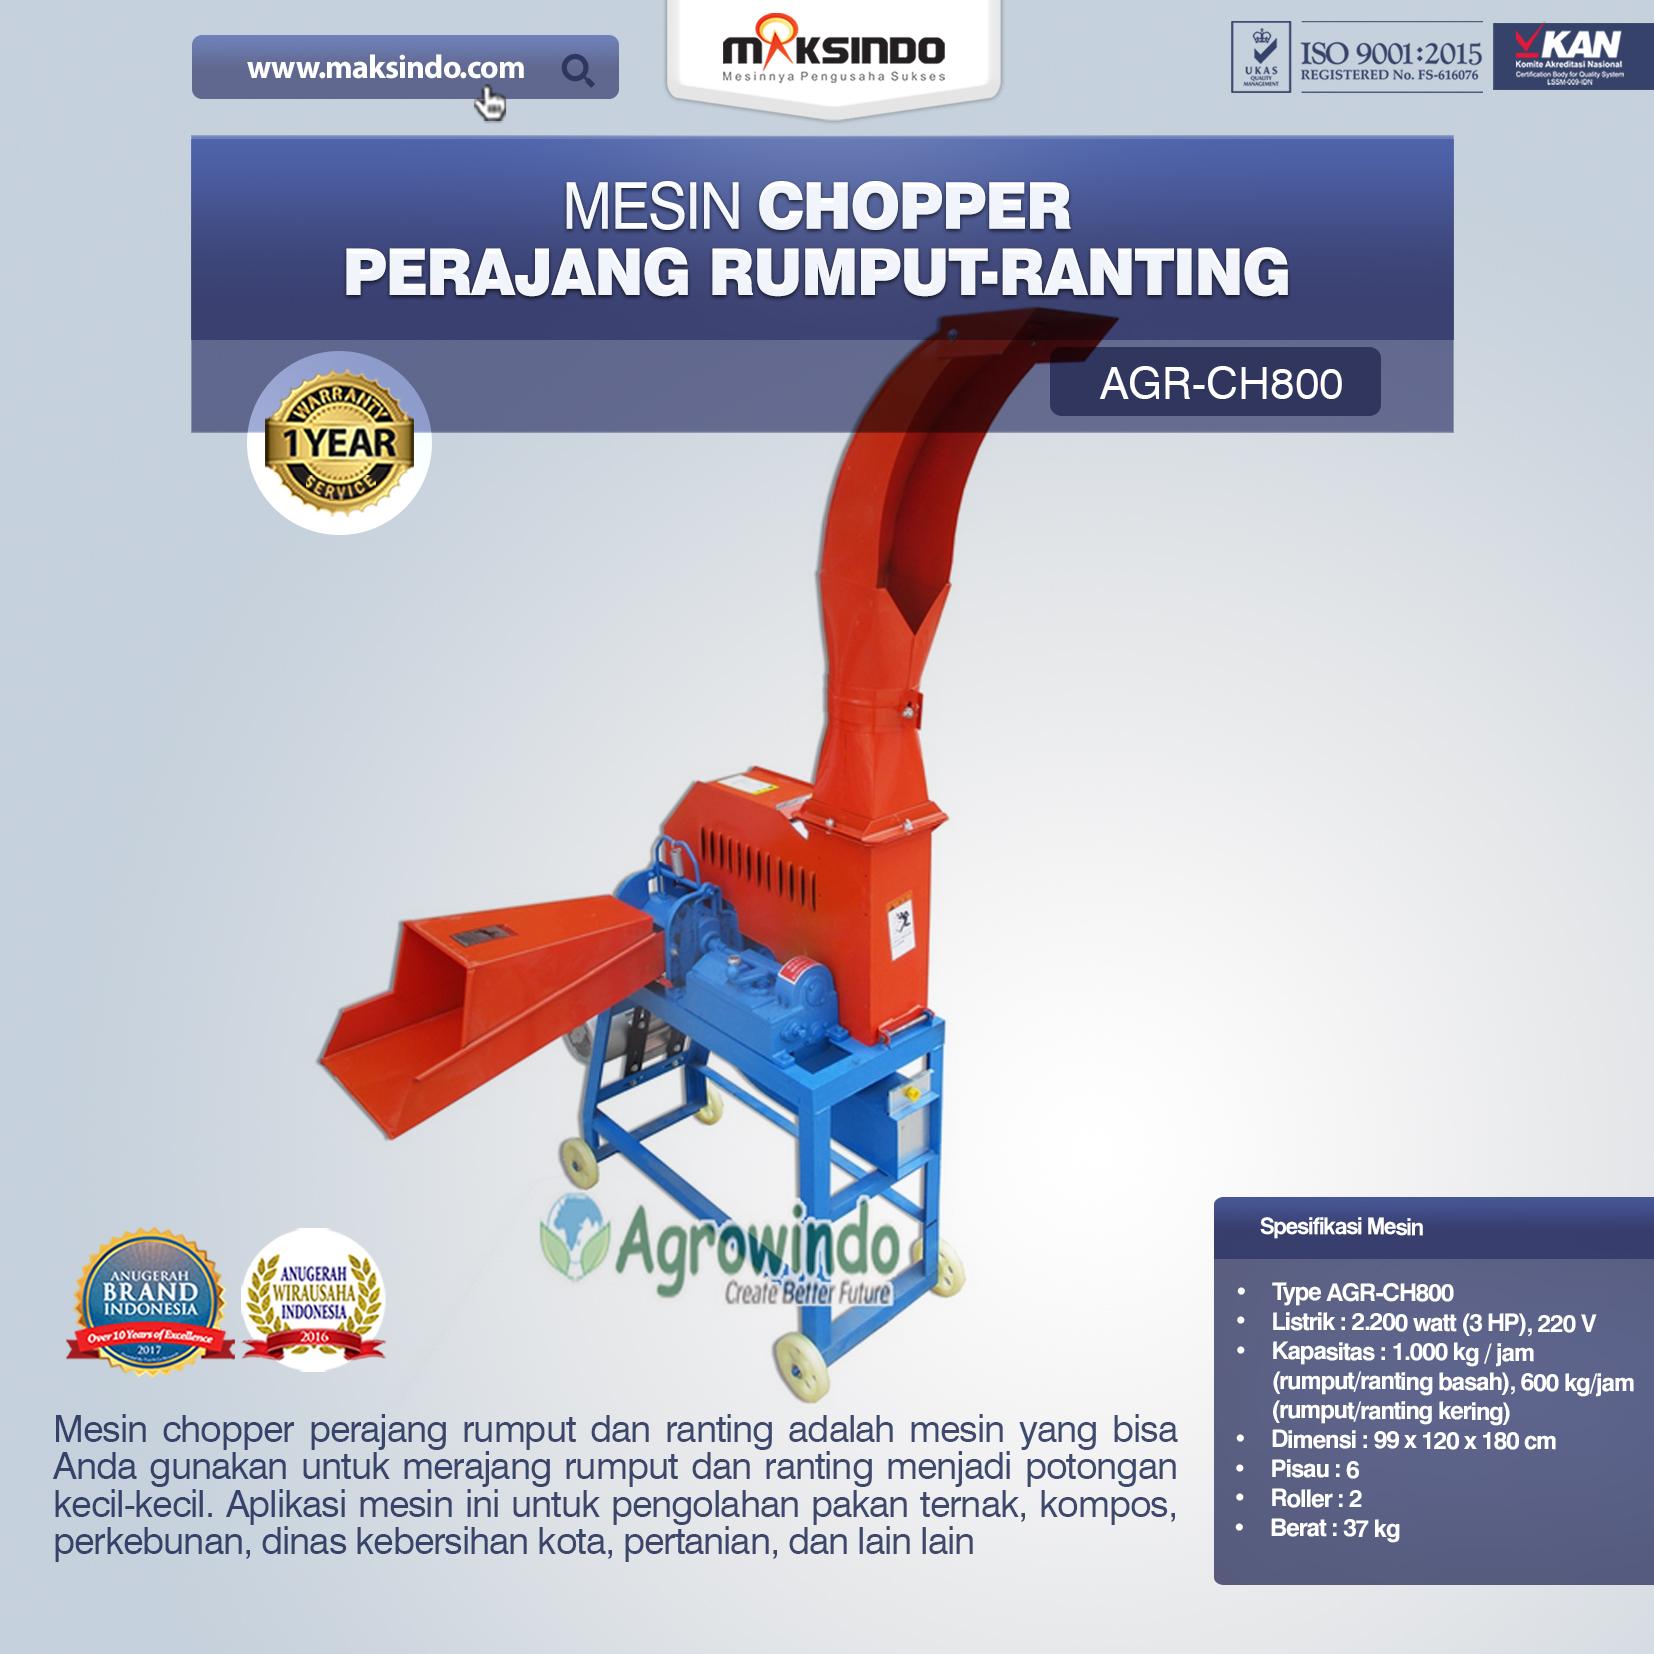 Jual Mesin Chopper Perajang Rumput-Ranting (AGR-CH800) di Blitar